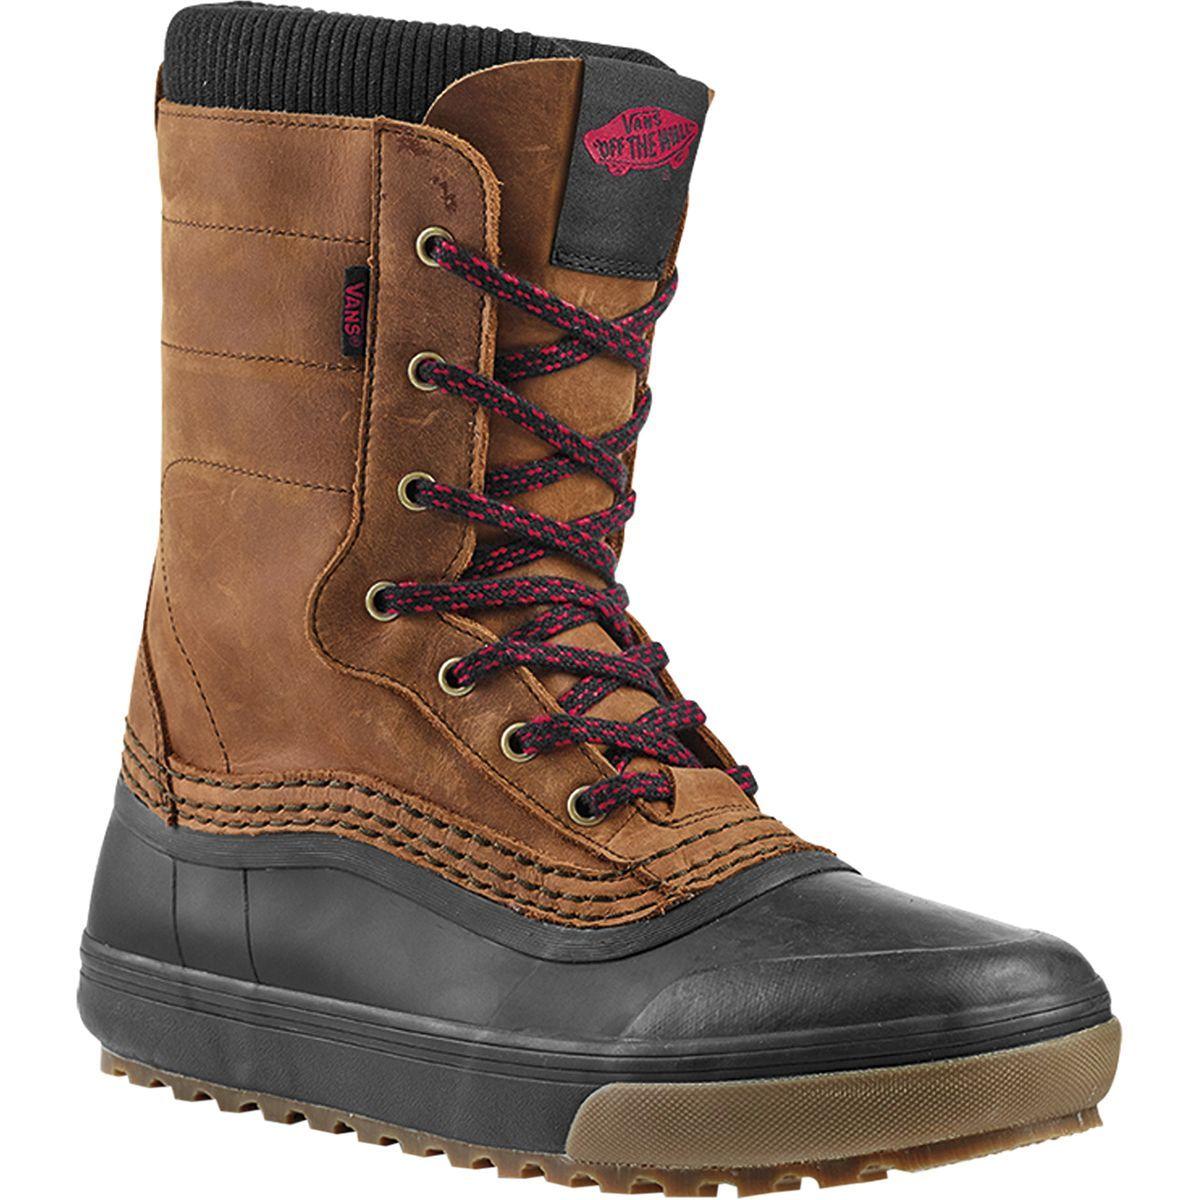 Vans Hi Standard Zip Snow Boot in 2020